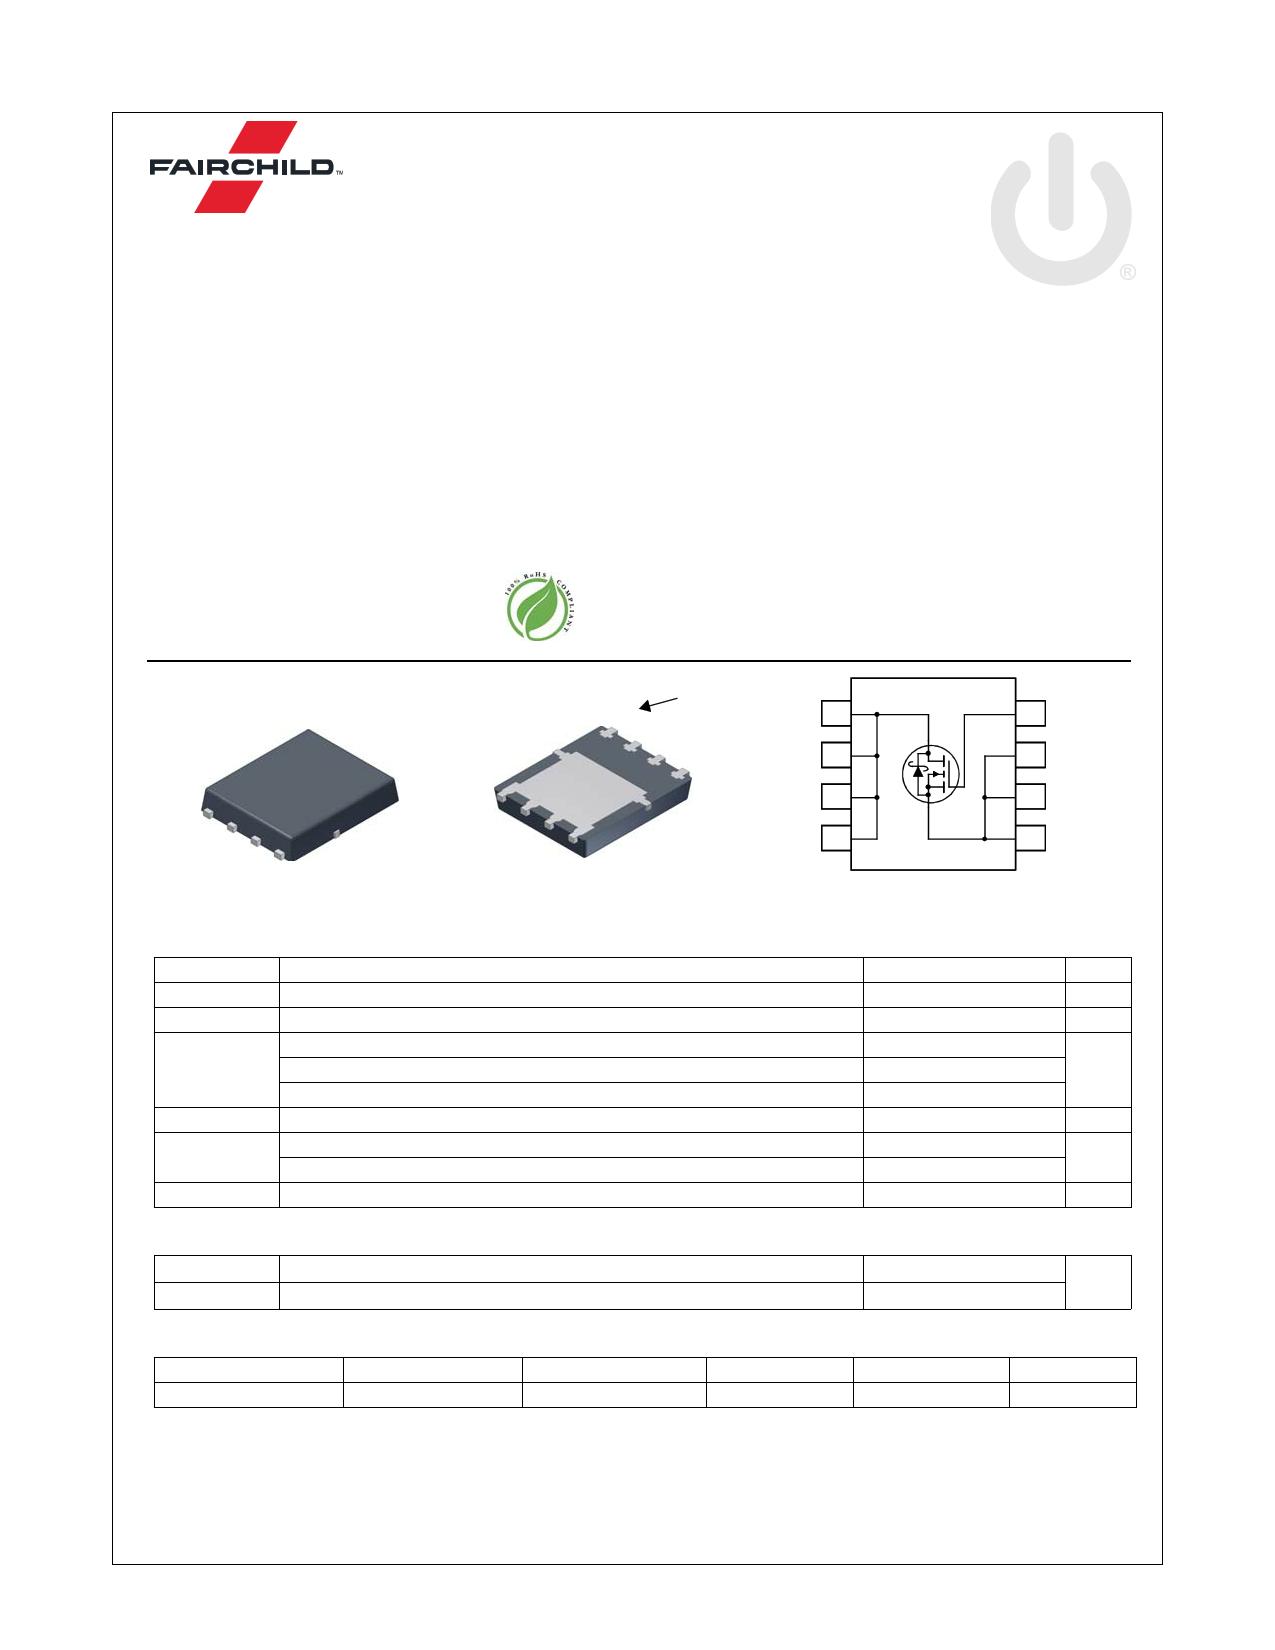 FDMS8558S 데이터시트 및 FDMS8558S PDF